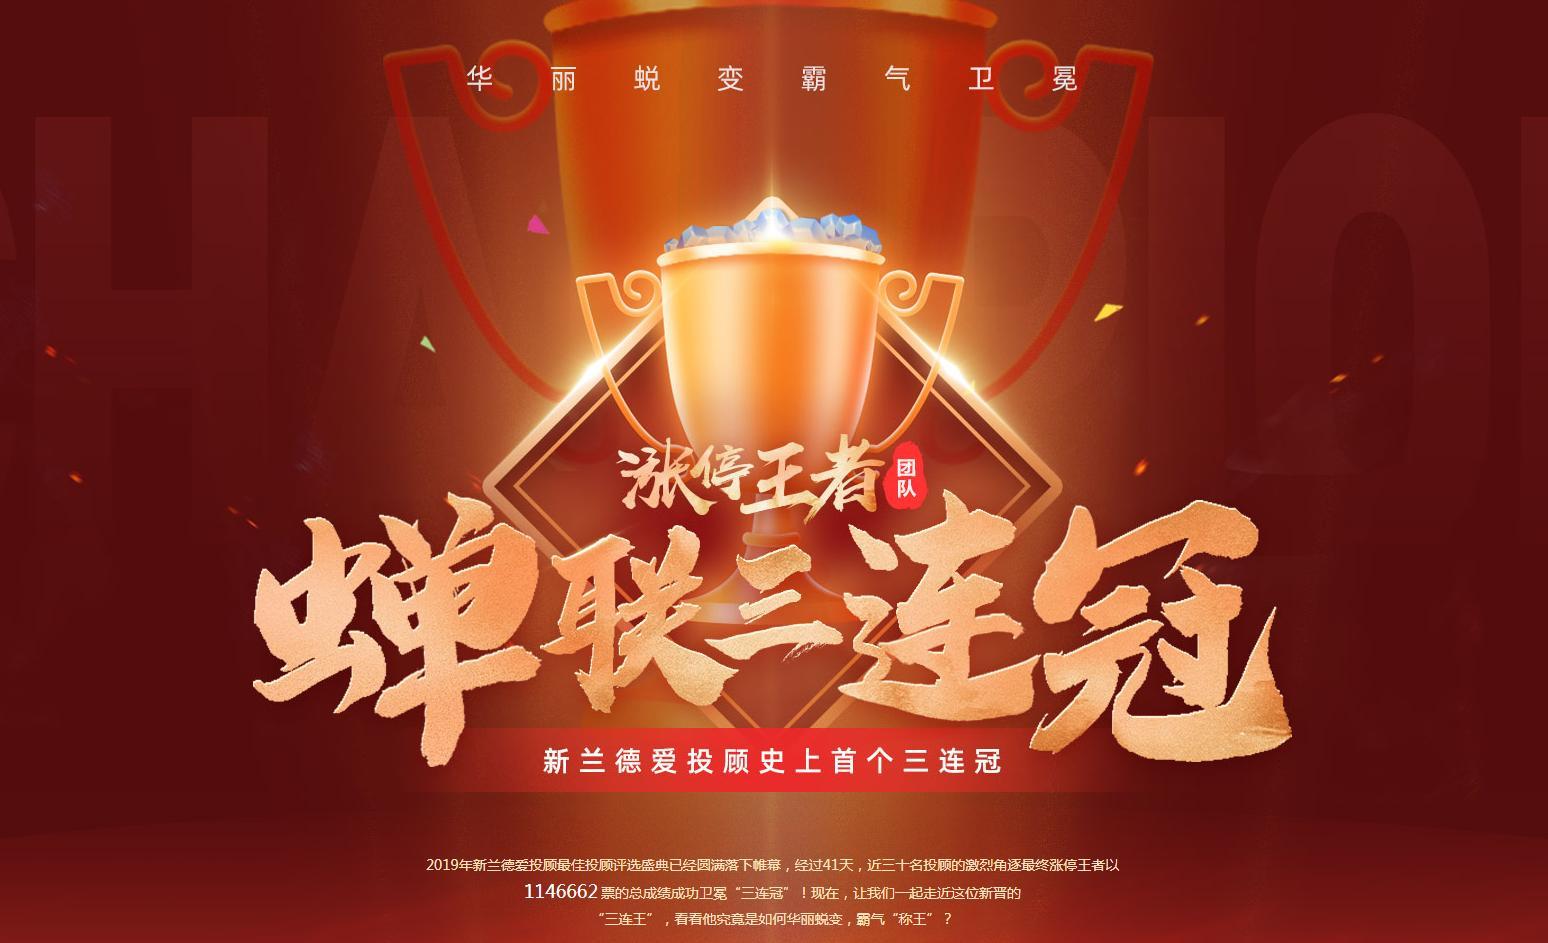 http://www.k2summit.cn/caijingfenxi/1837070.html